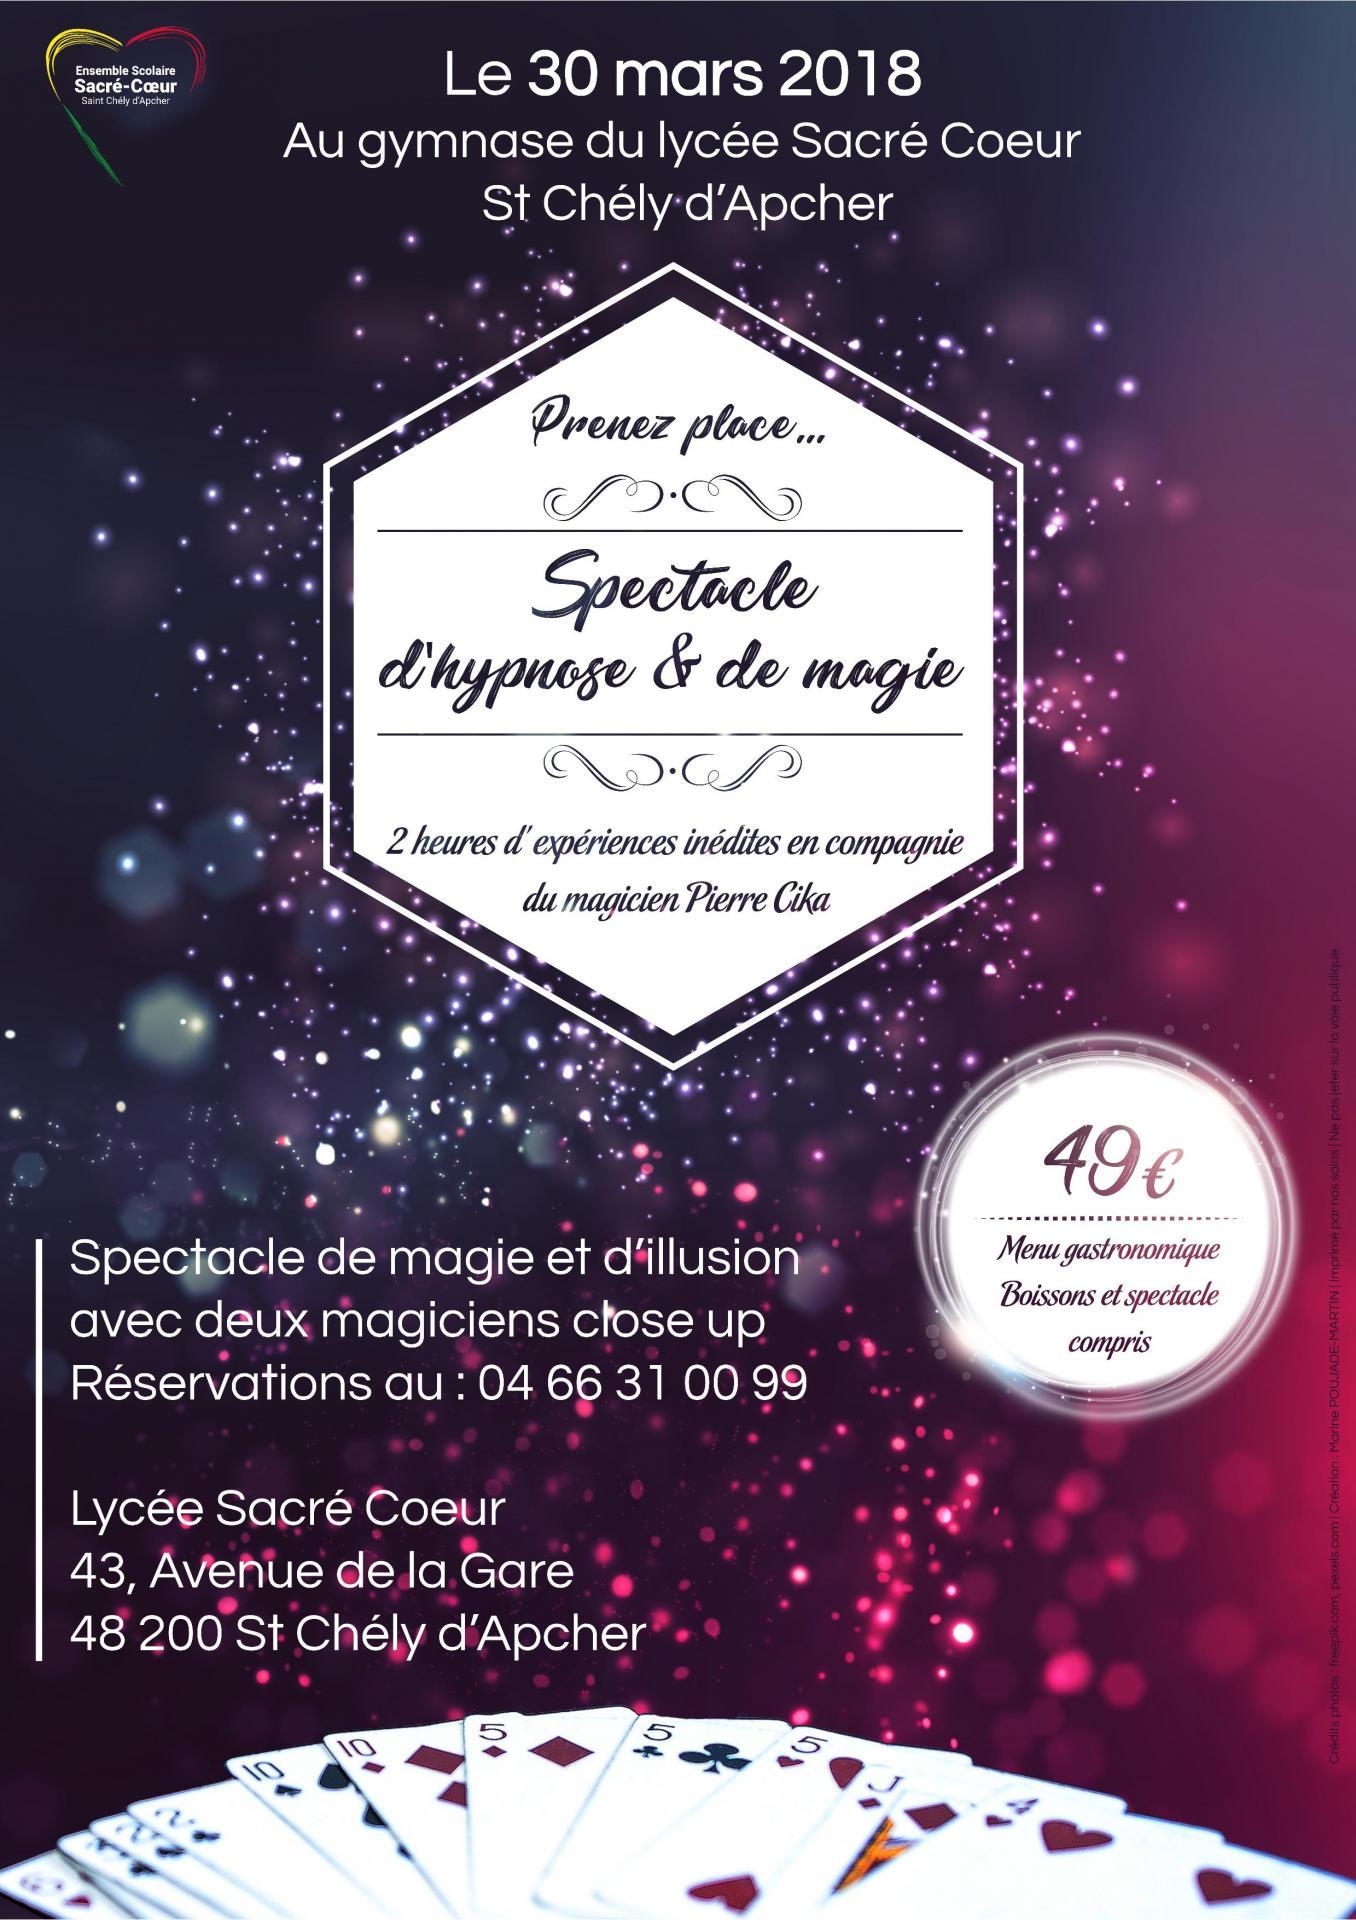 #Soirée Gastronomique - Hypnose et Magie le 30 mars 2018